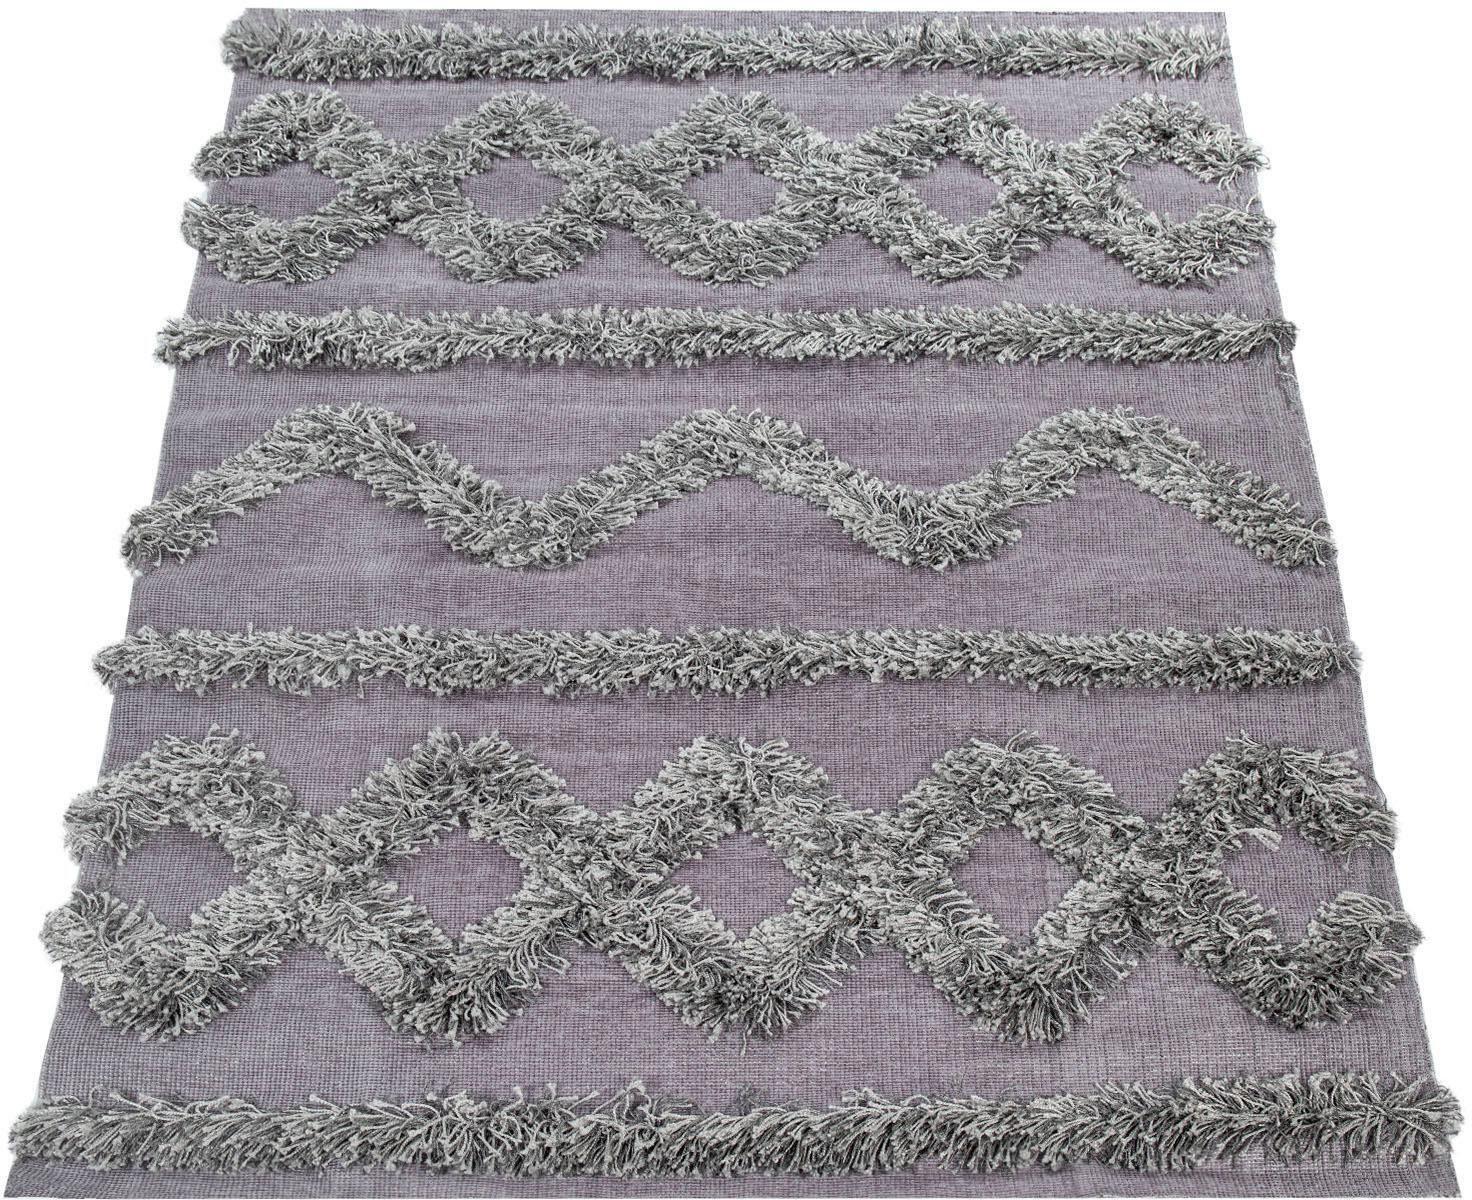 Teppich Loox 112 Paco Home rechteckig Höhe 75 mm maschinell gewebt